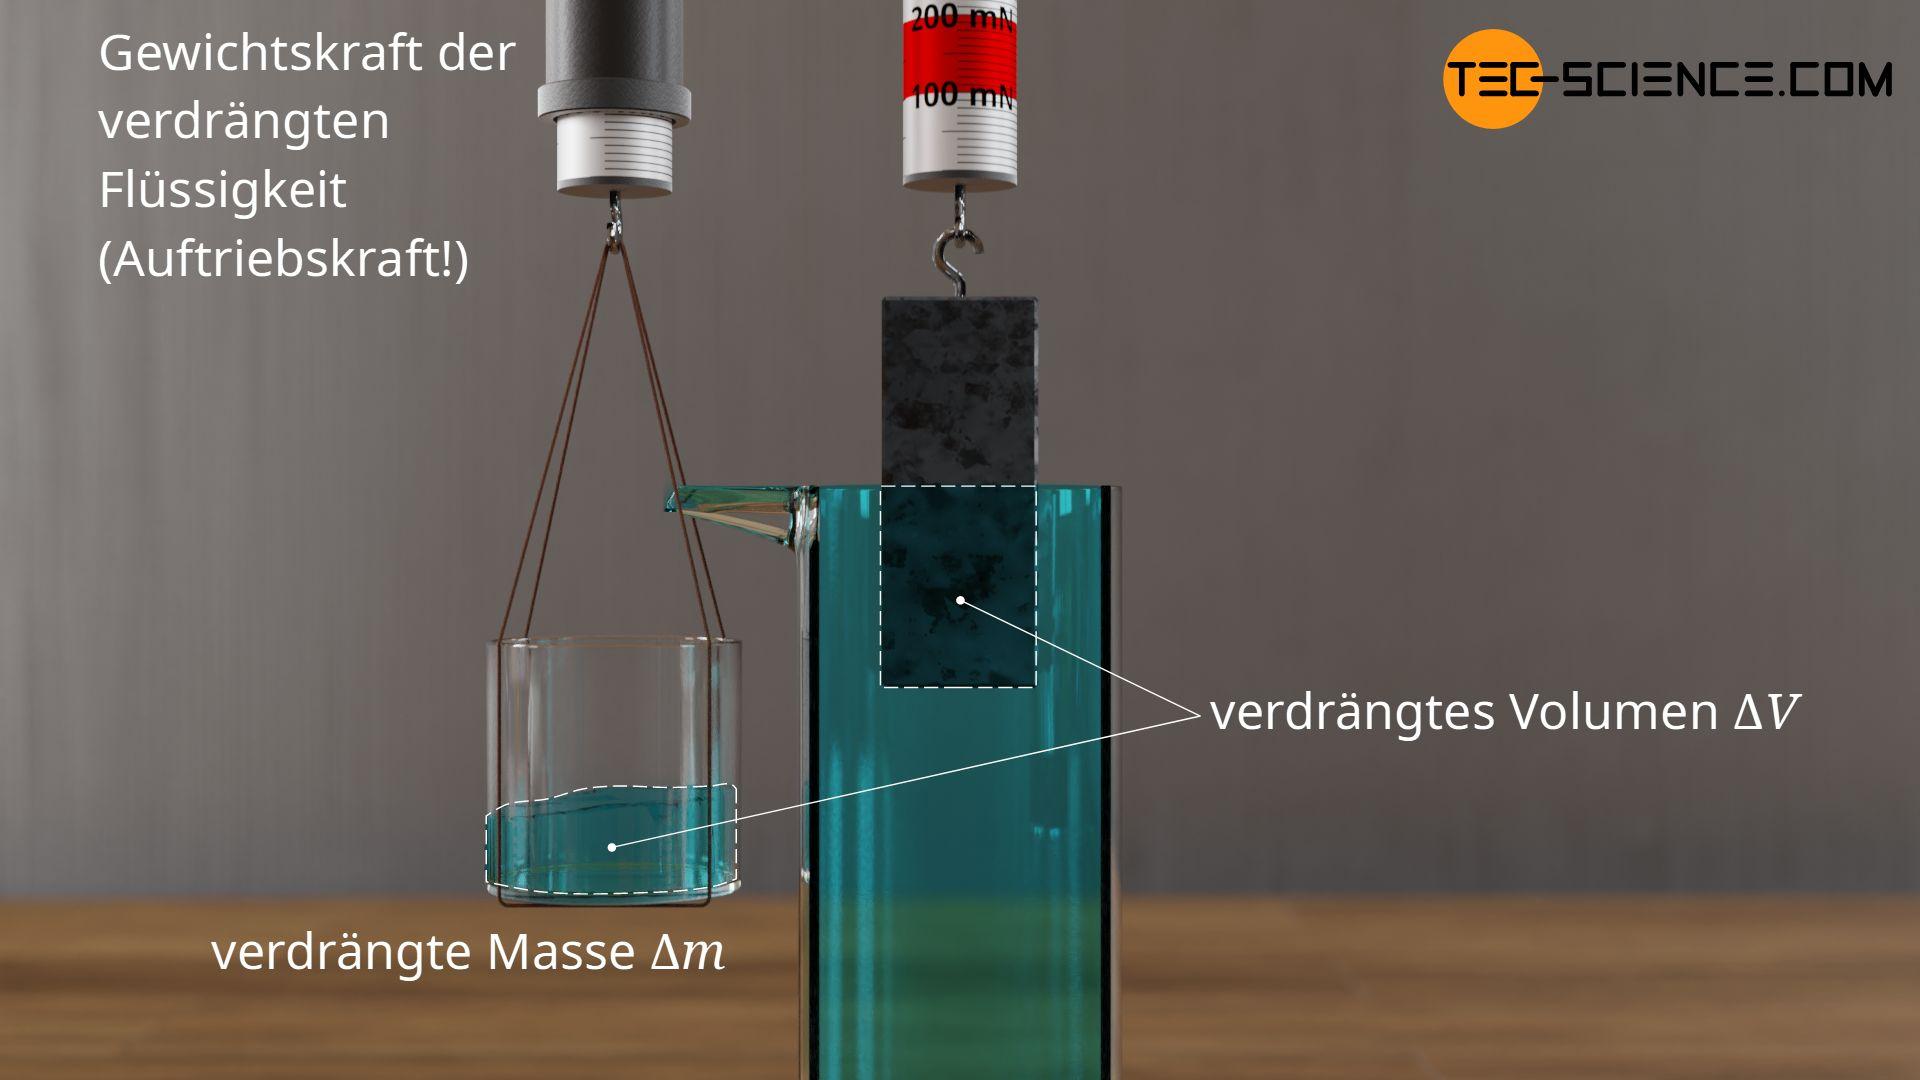 Verdrängten Flüssigkeitsvolumen beim Eintauchen eines Körpers in eine Flüssigkeit